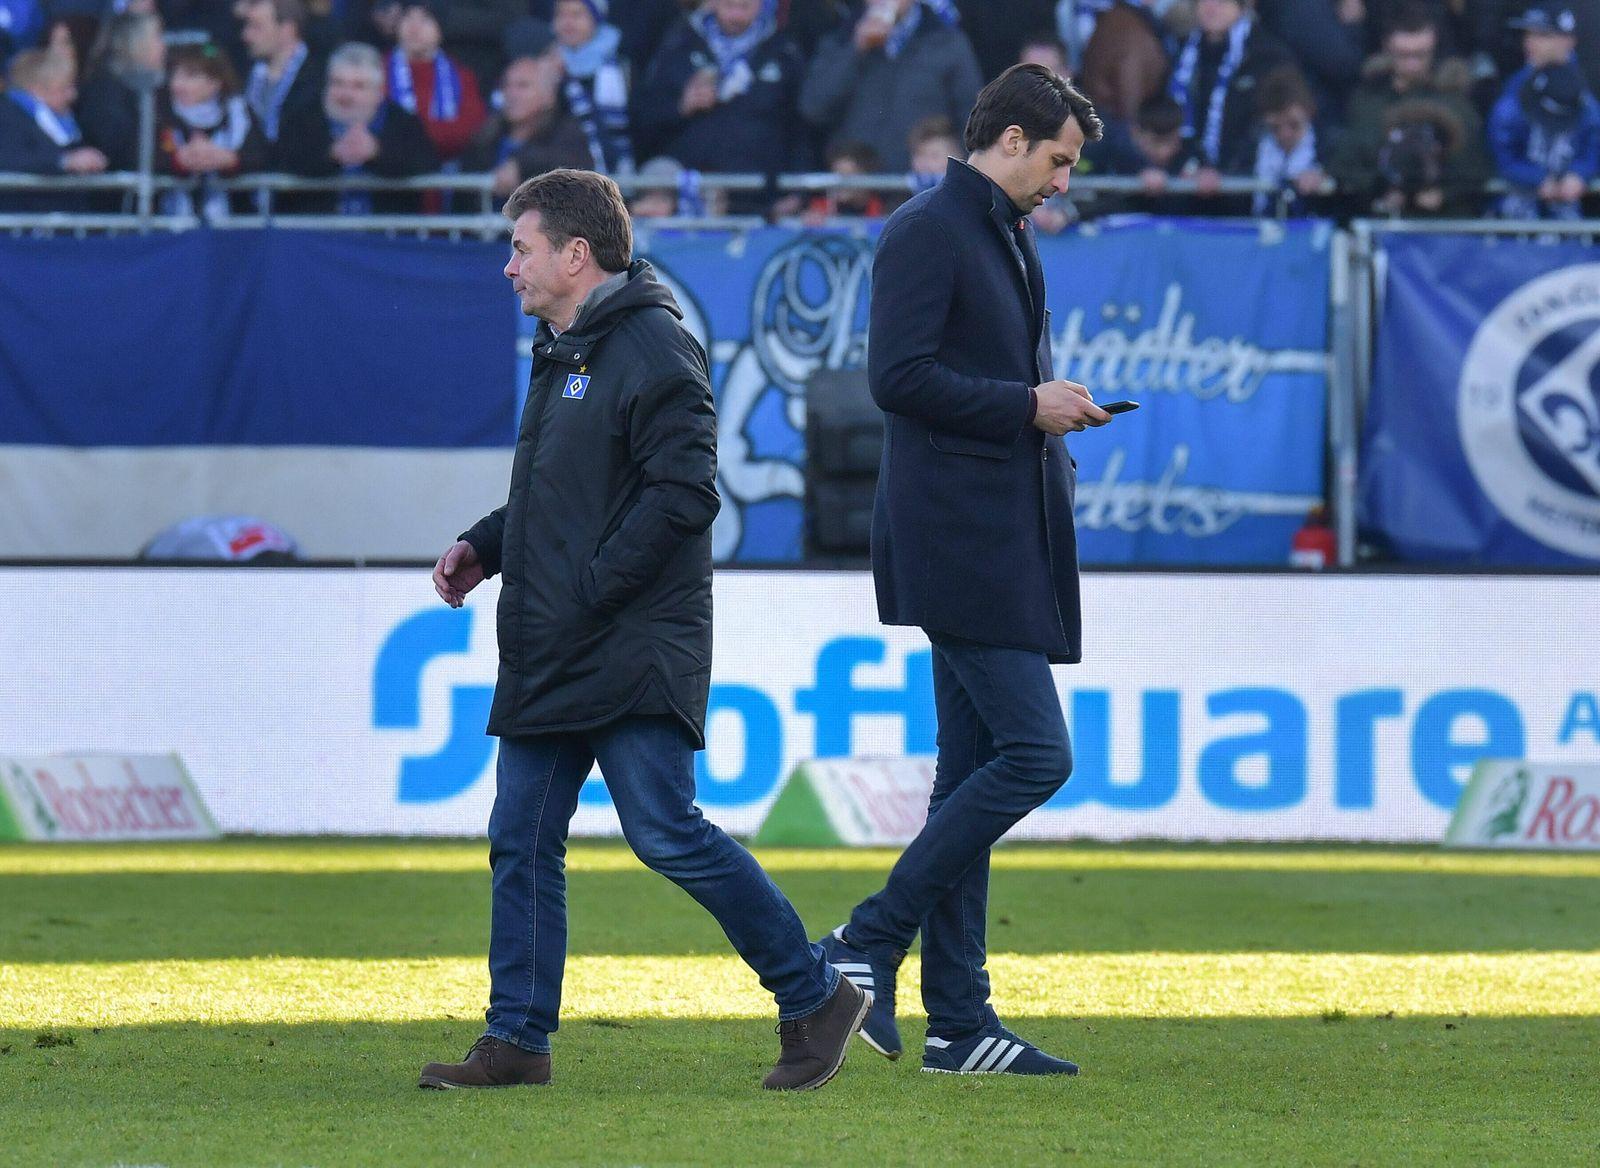 21.12.2019, xblx, Fussball 2.Bundesliga, SV Darmstadt 98 - Hamburger SV emspor, v.l. Trainer Dieter Hecking (Hamburg, H